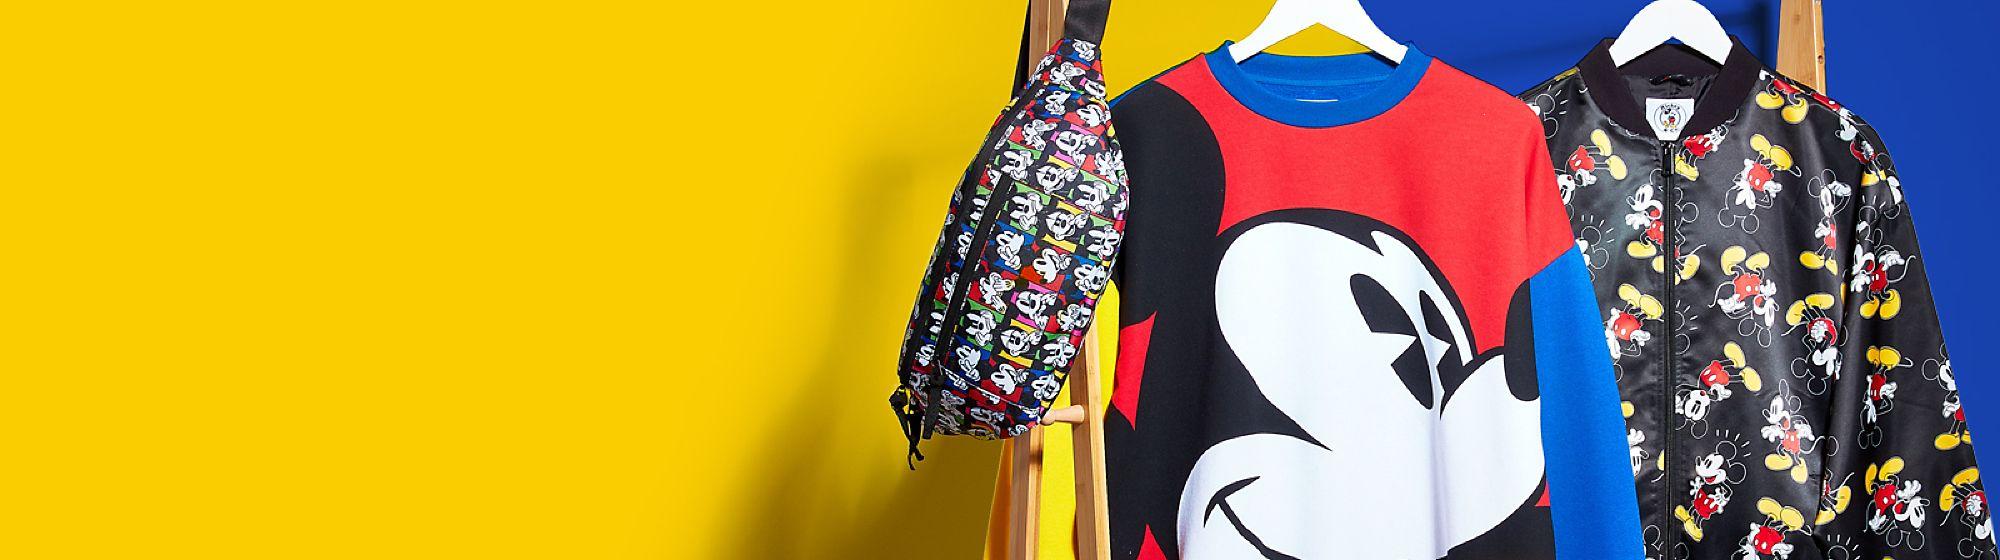 Mickey and Co.Collection Eine neue Disney Bekleidungsmarke im Retro-Look inspiriert von Designs aus den 80er und 90er Jahren, hergestellt mit einem Material, das zu 50% aus recycelten Plastikflaschen besteht.